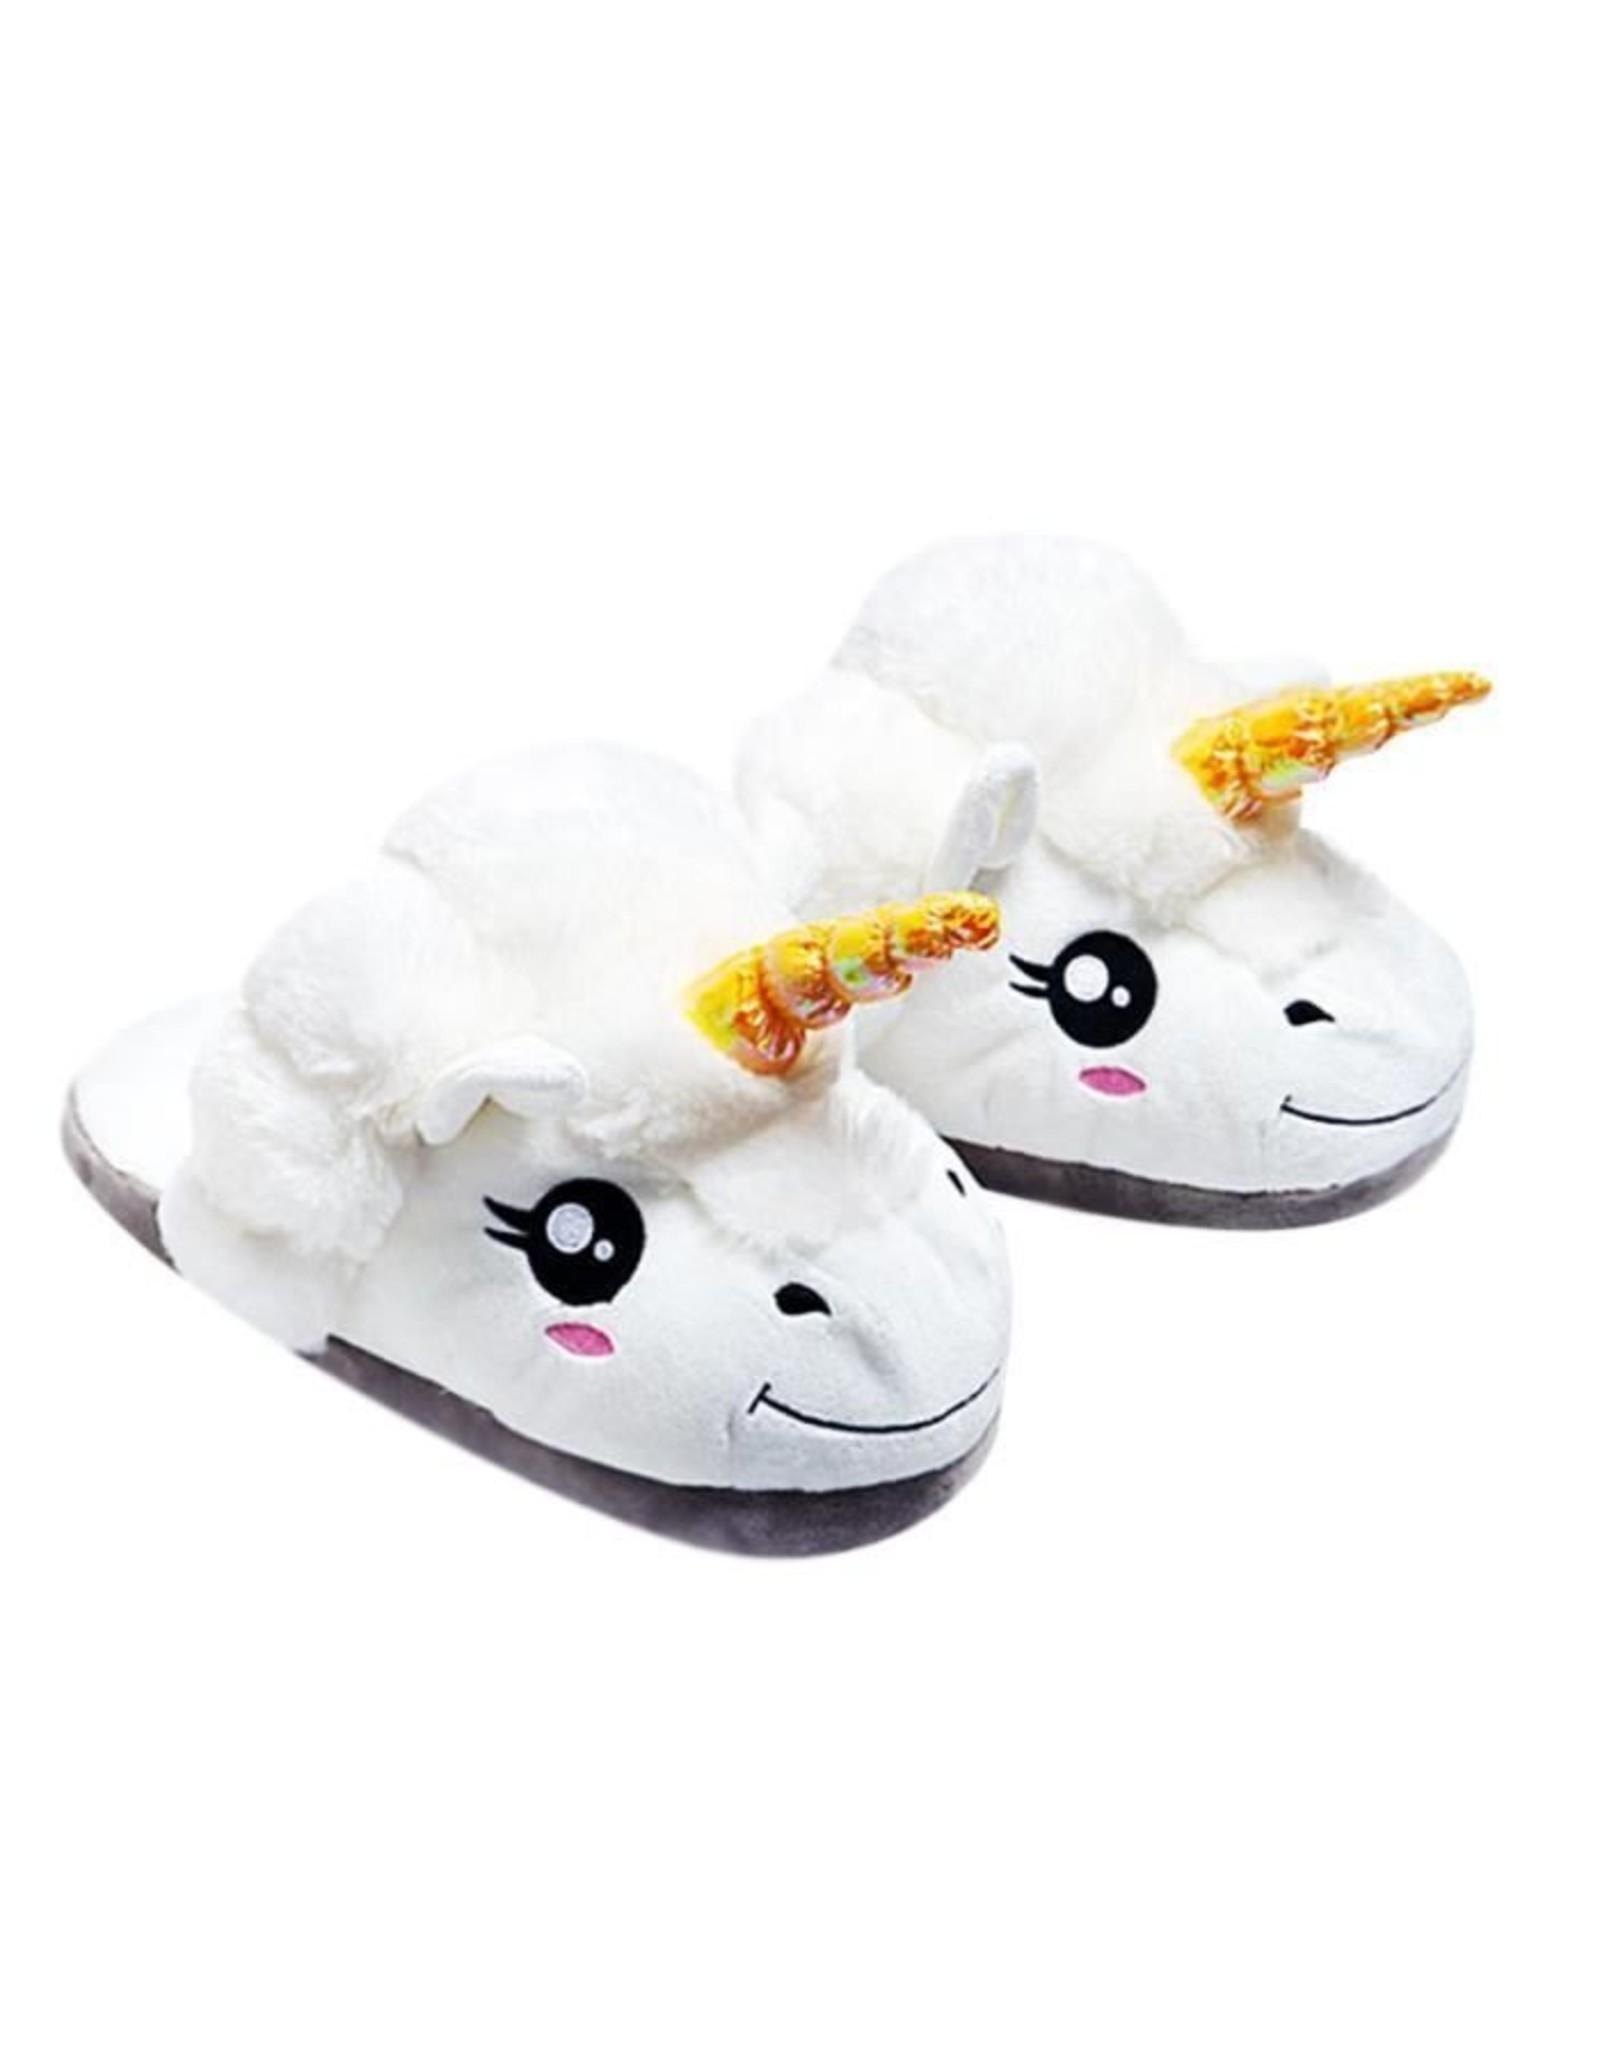 Unicorn fluffy slippers for kids